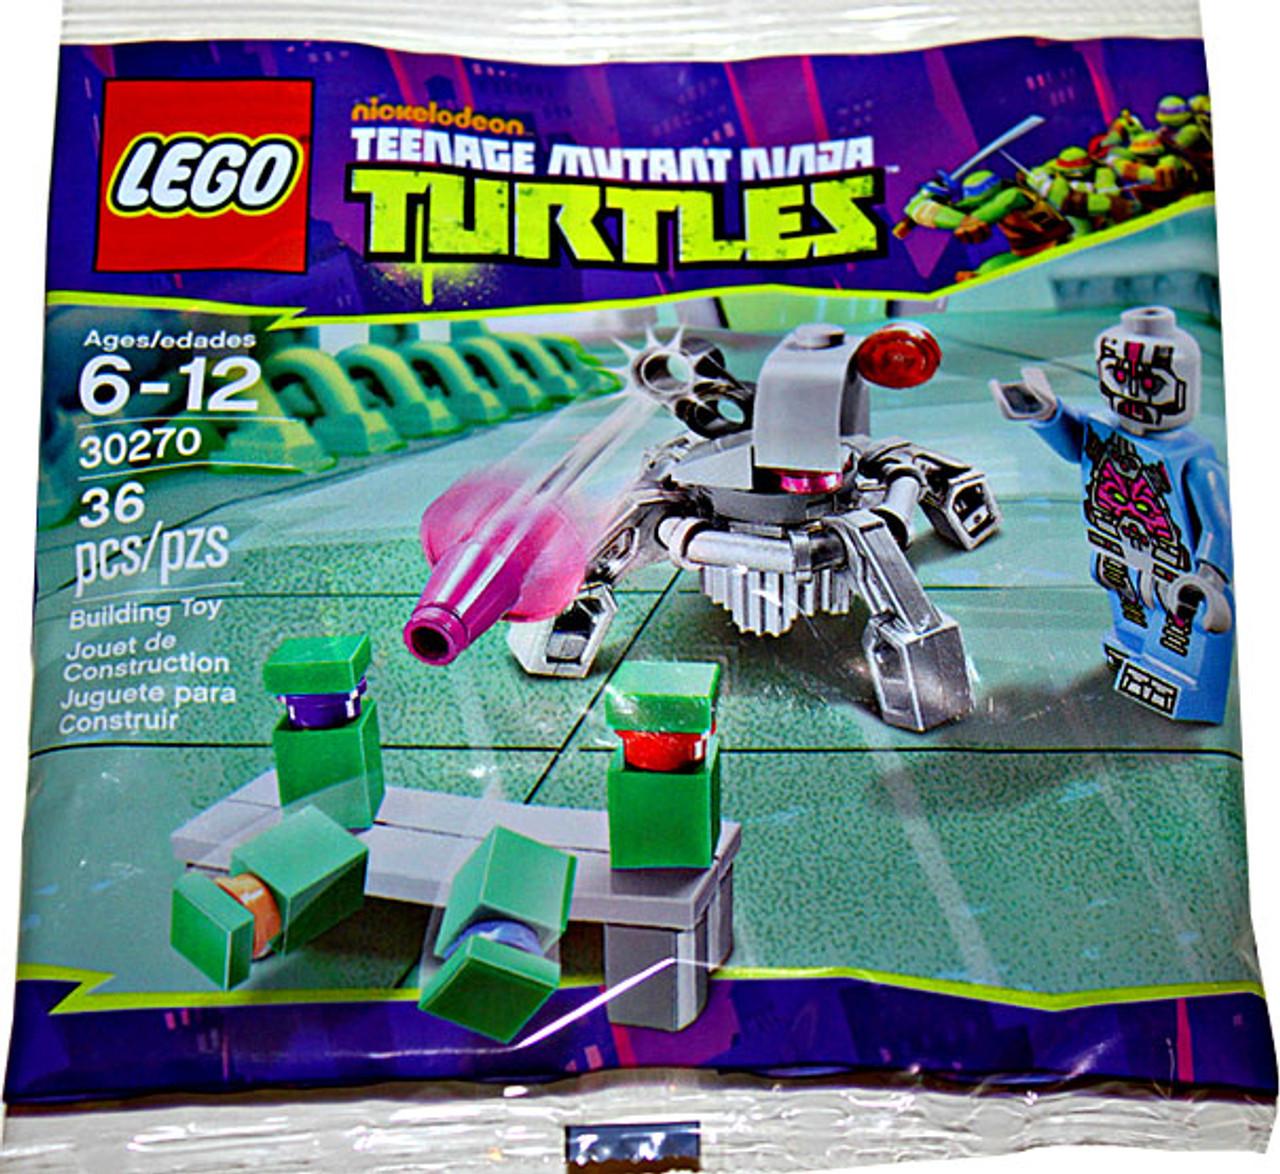 LEGO Teenage Mutant Ninja Turtles Kraang's Laser Turret Mini Set #30270 [Bagged]